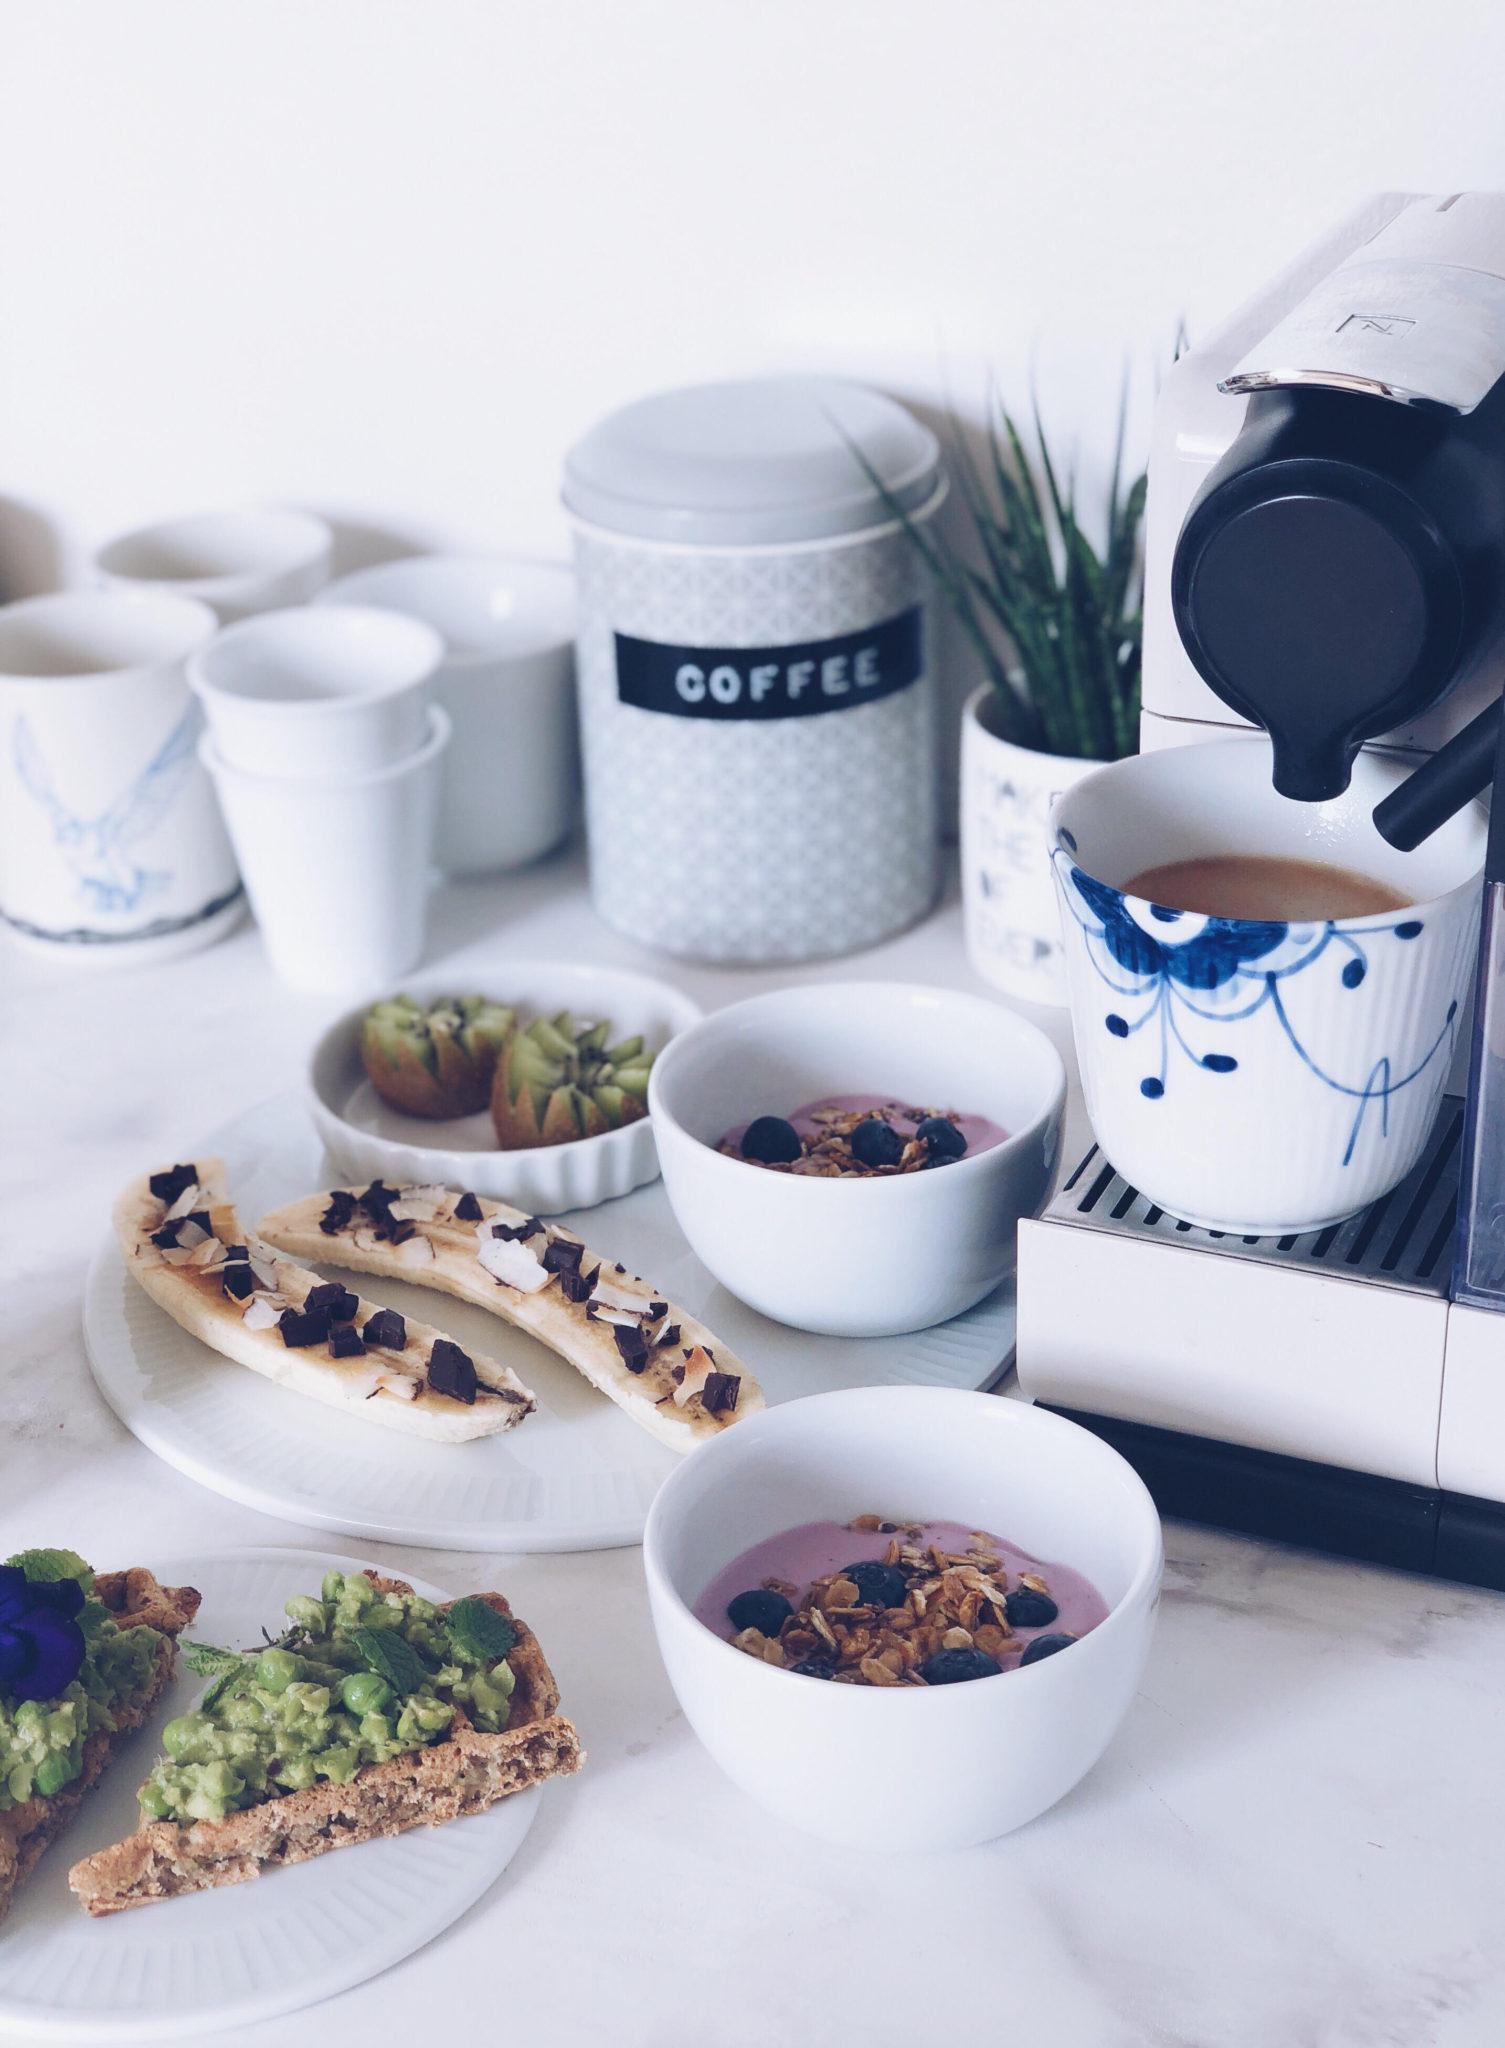 kaffe til morgenmad og tanker om livet